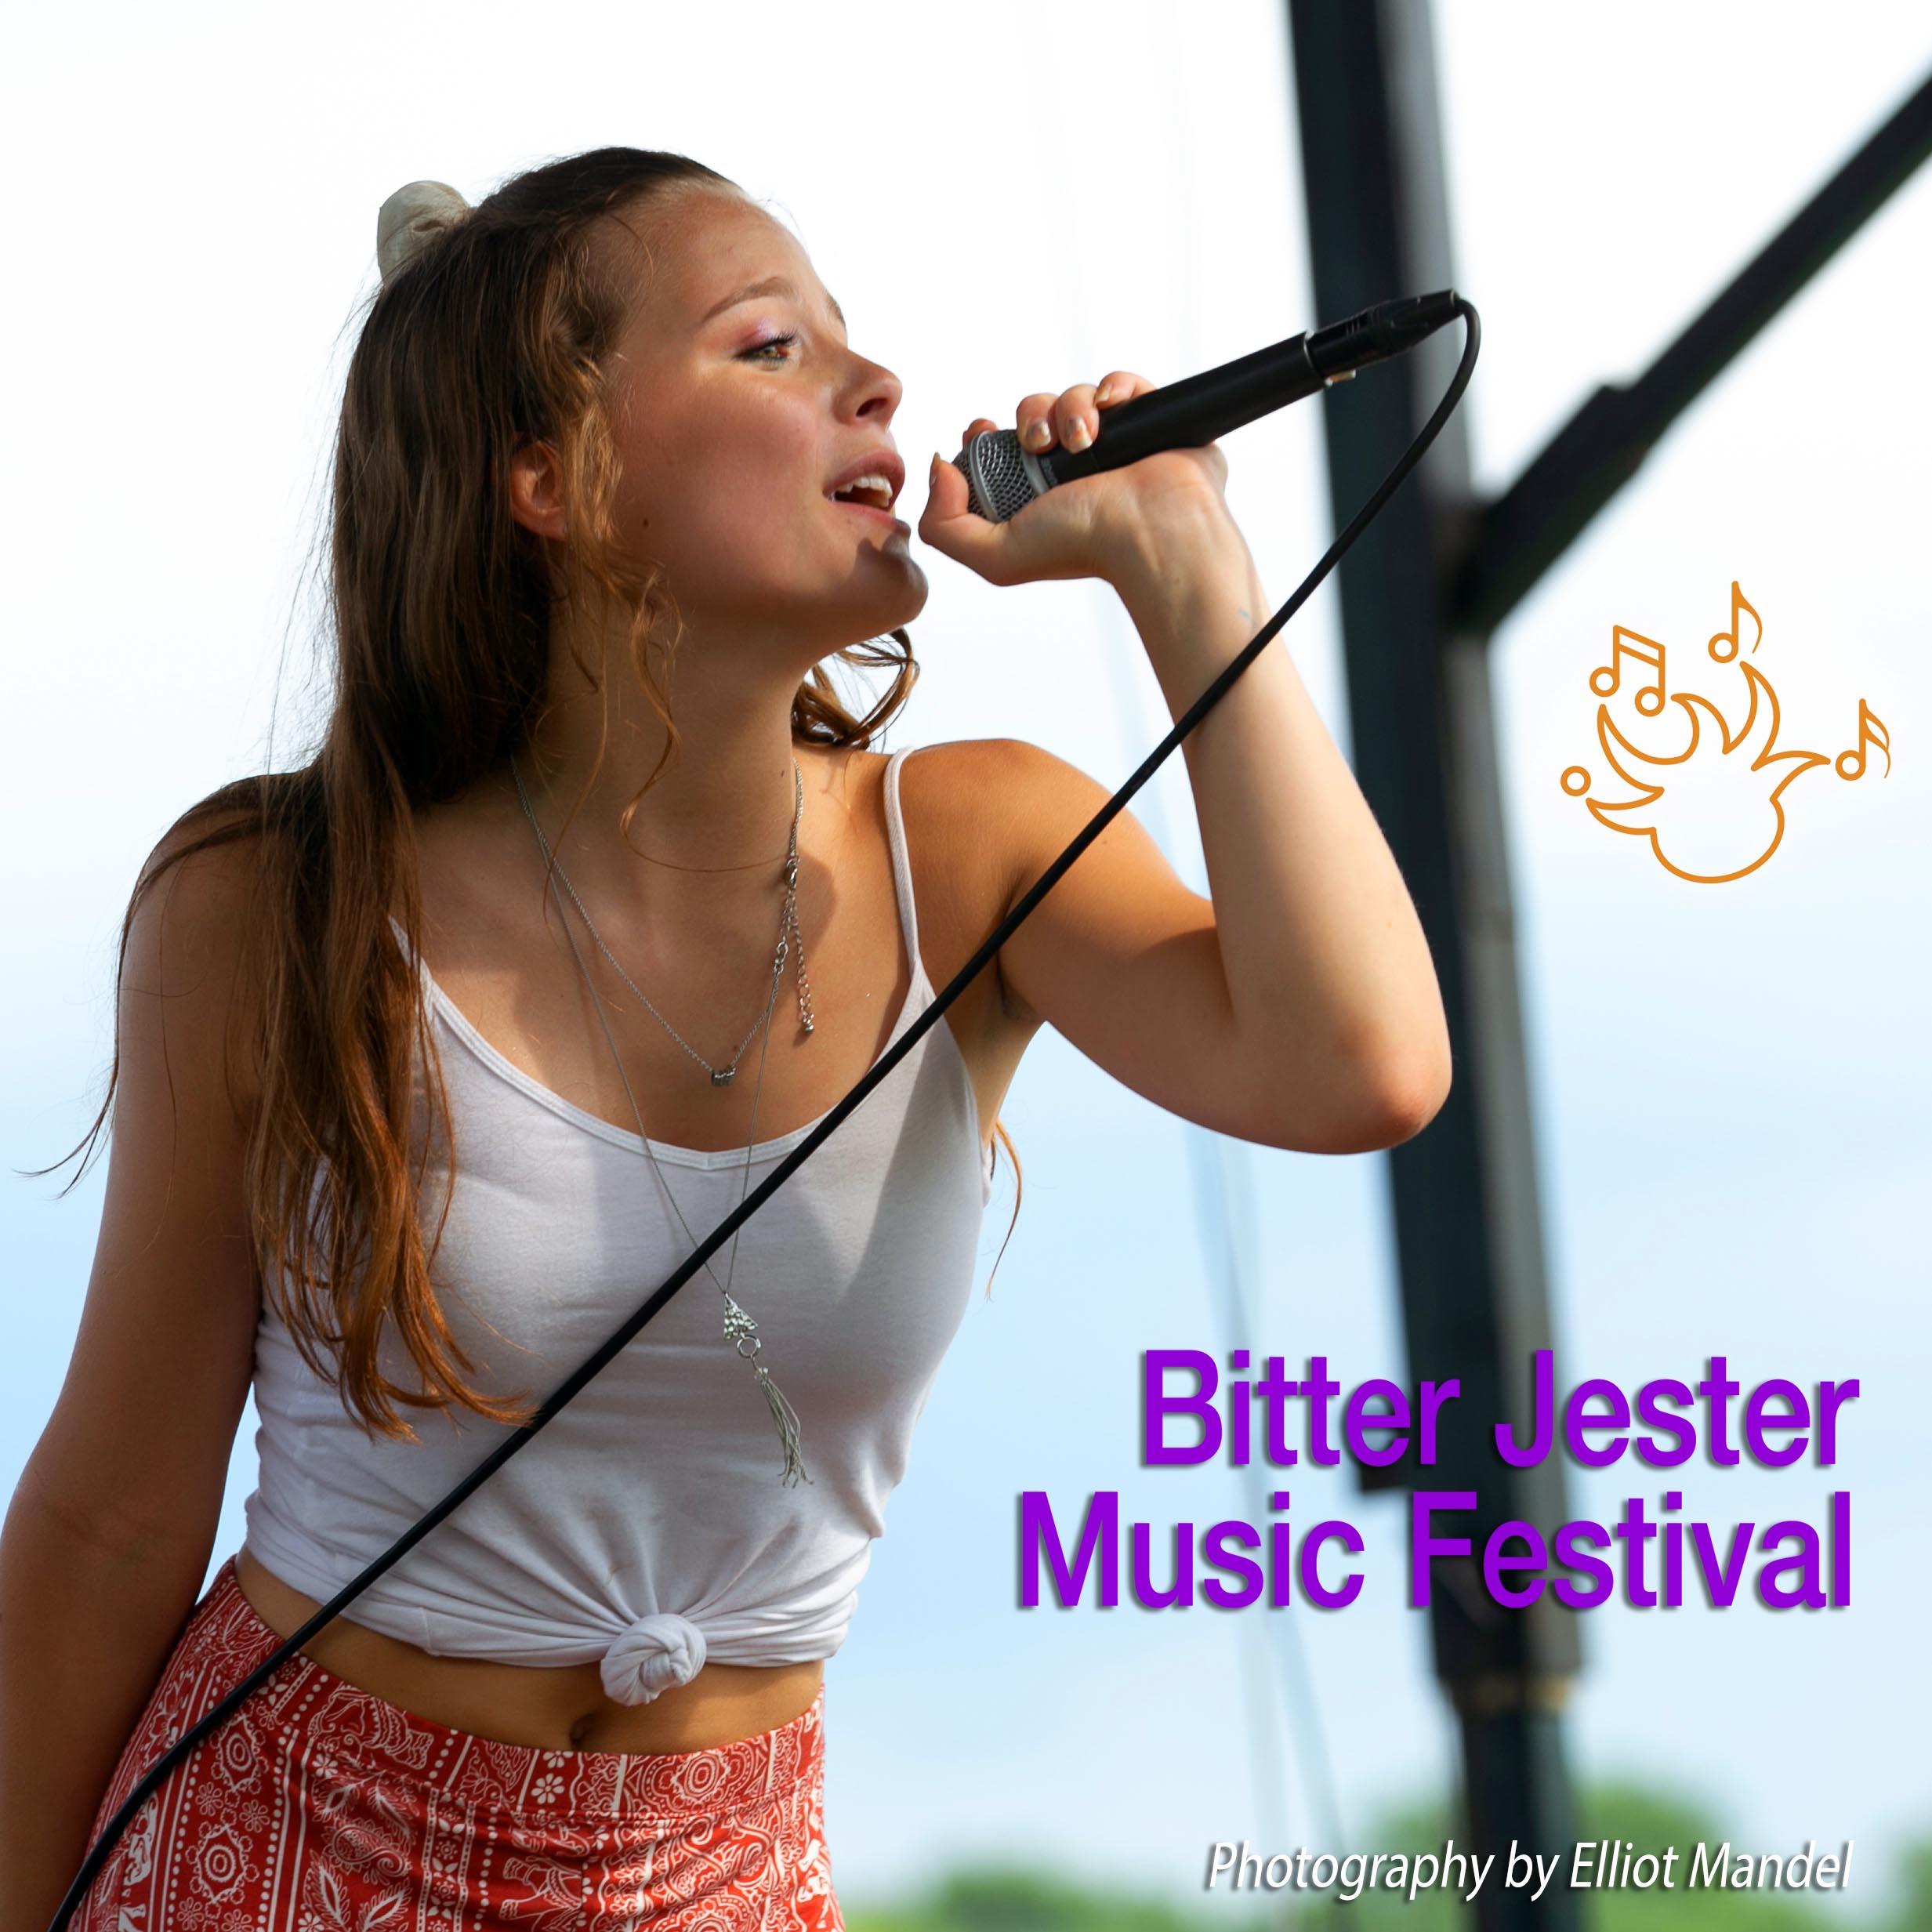 Bitter-Jester-Music-Fest_ElliotMandel-9.jpg